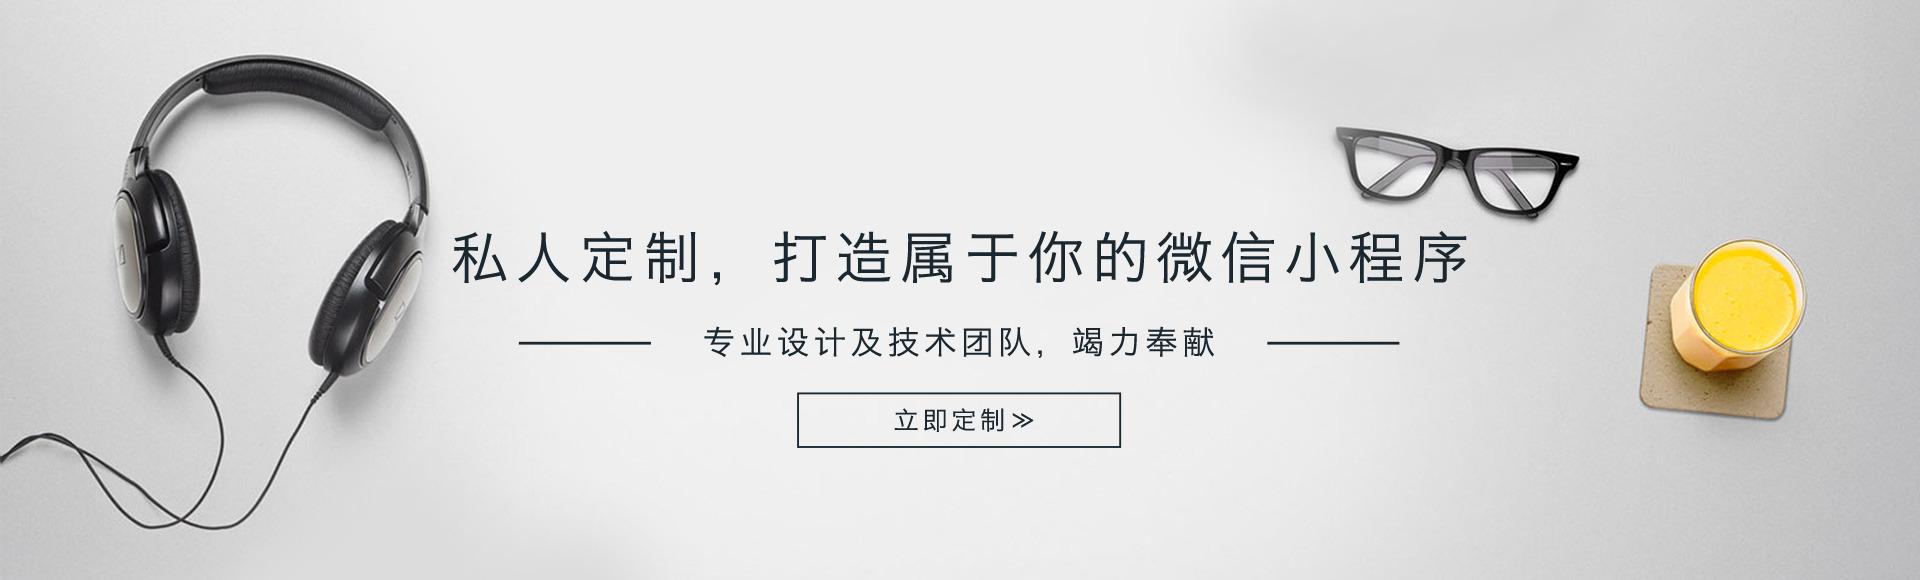 内页 Banner